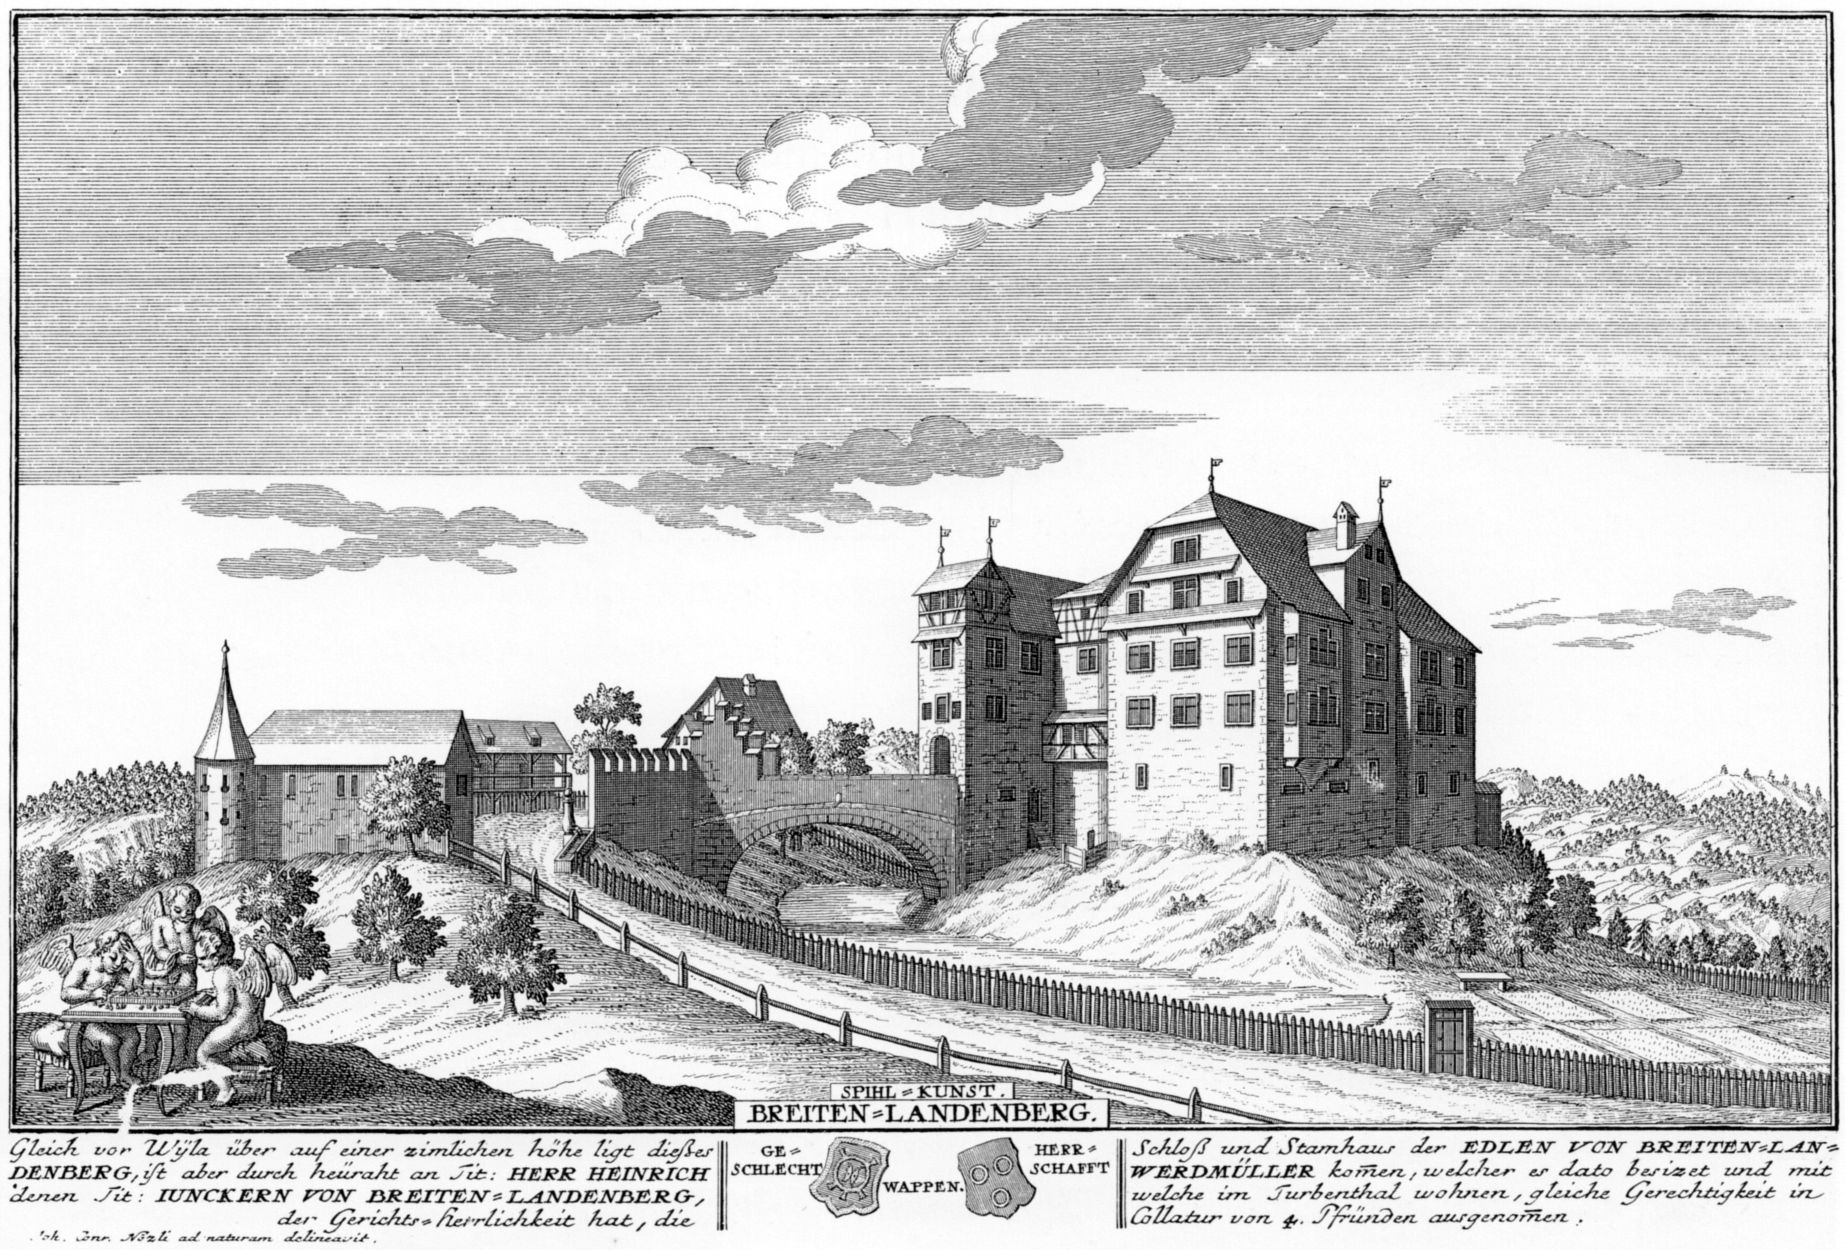 Burg Breitenlandenberg als Zürcher Gerichtsherrensitz, 1742. Radierung von David Herrliberger; Wikipedia.